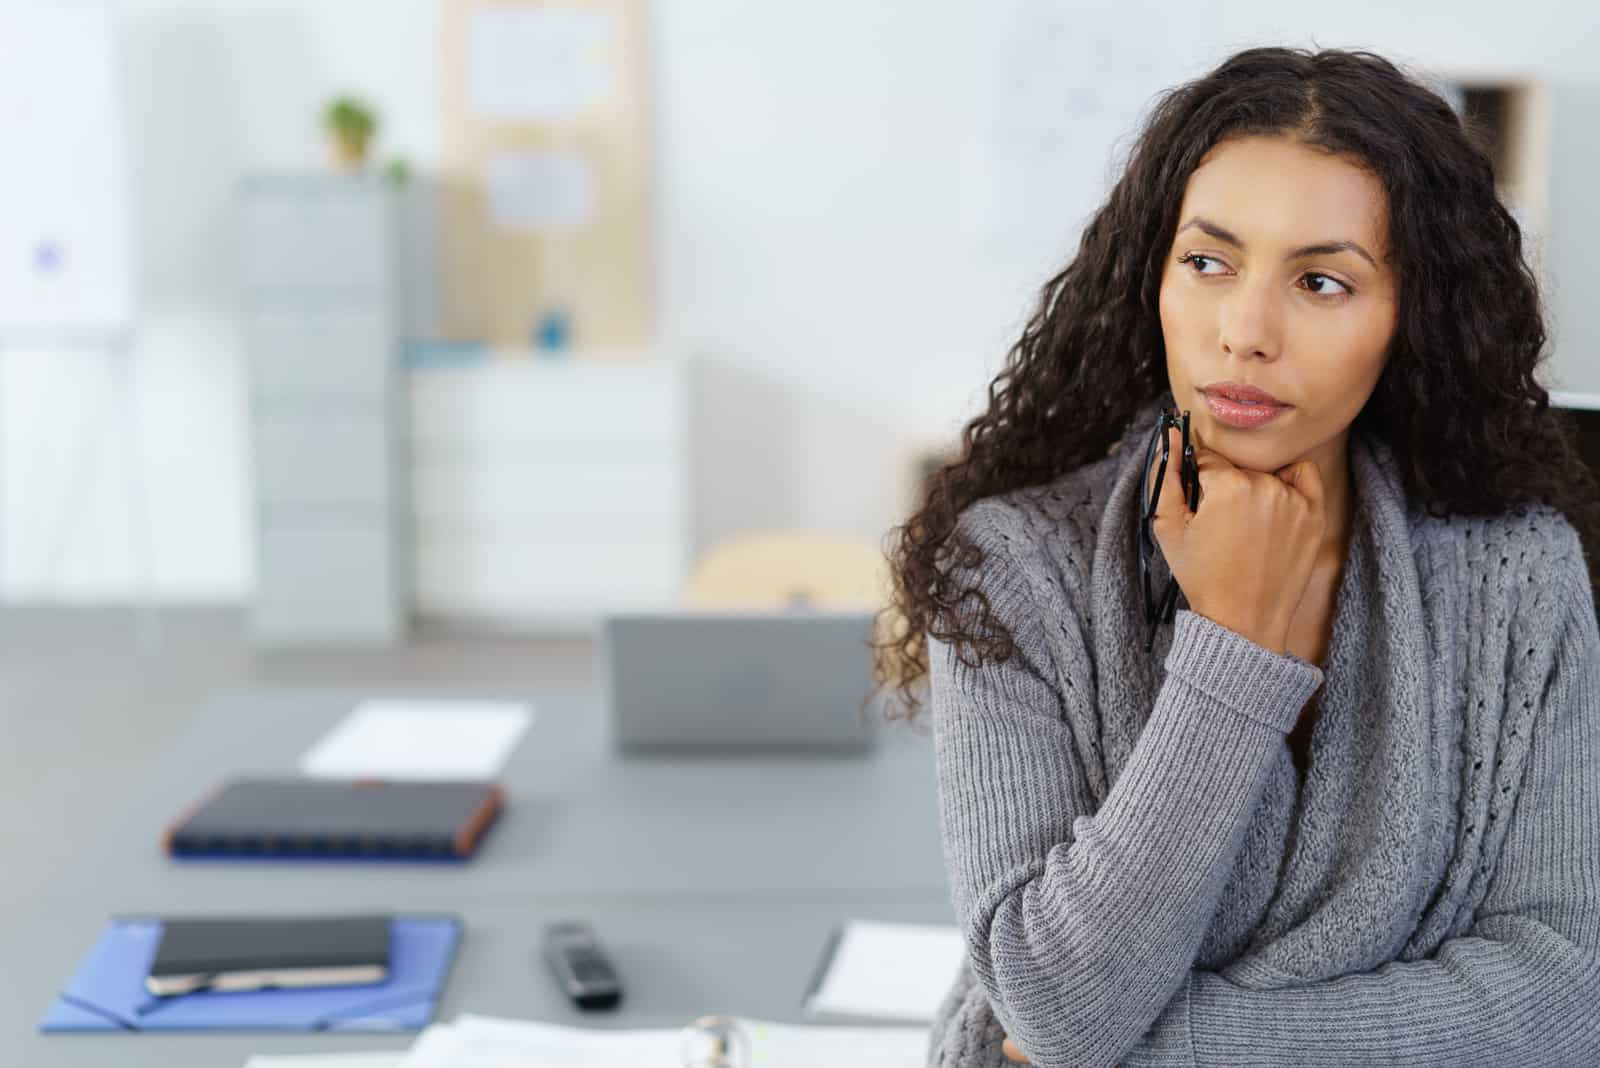 une femme imaginaire se tient dans le bureau et regarde ailleurs